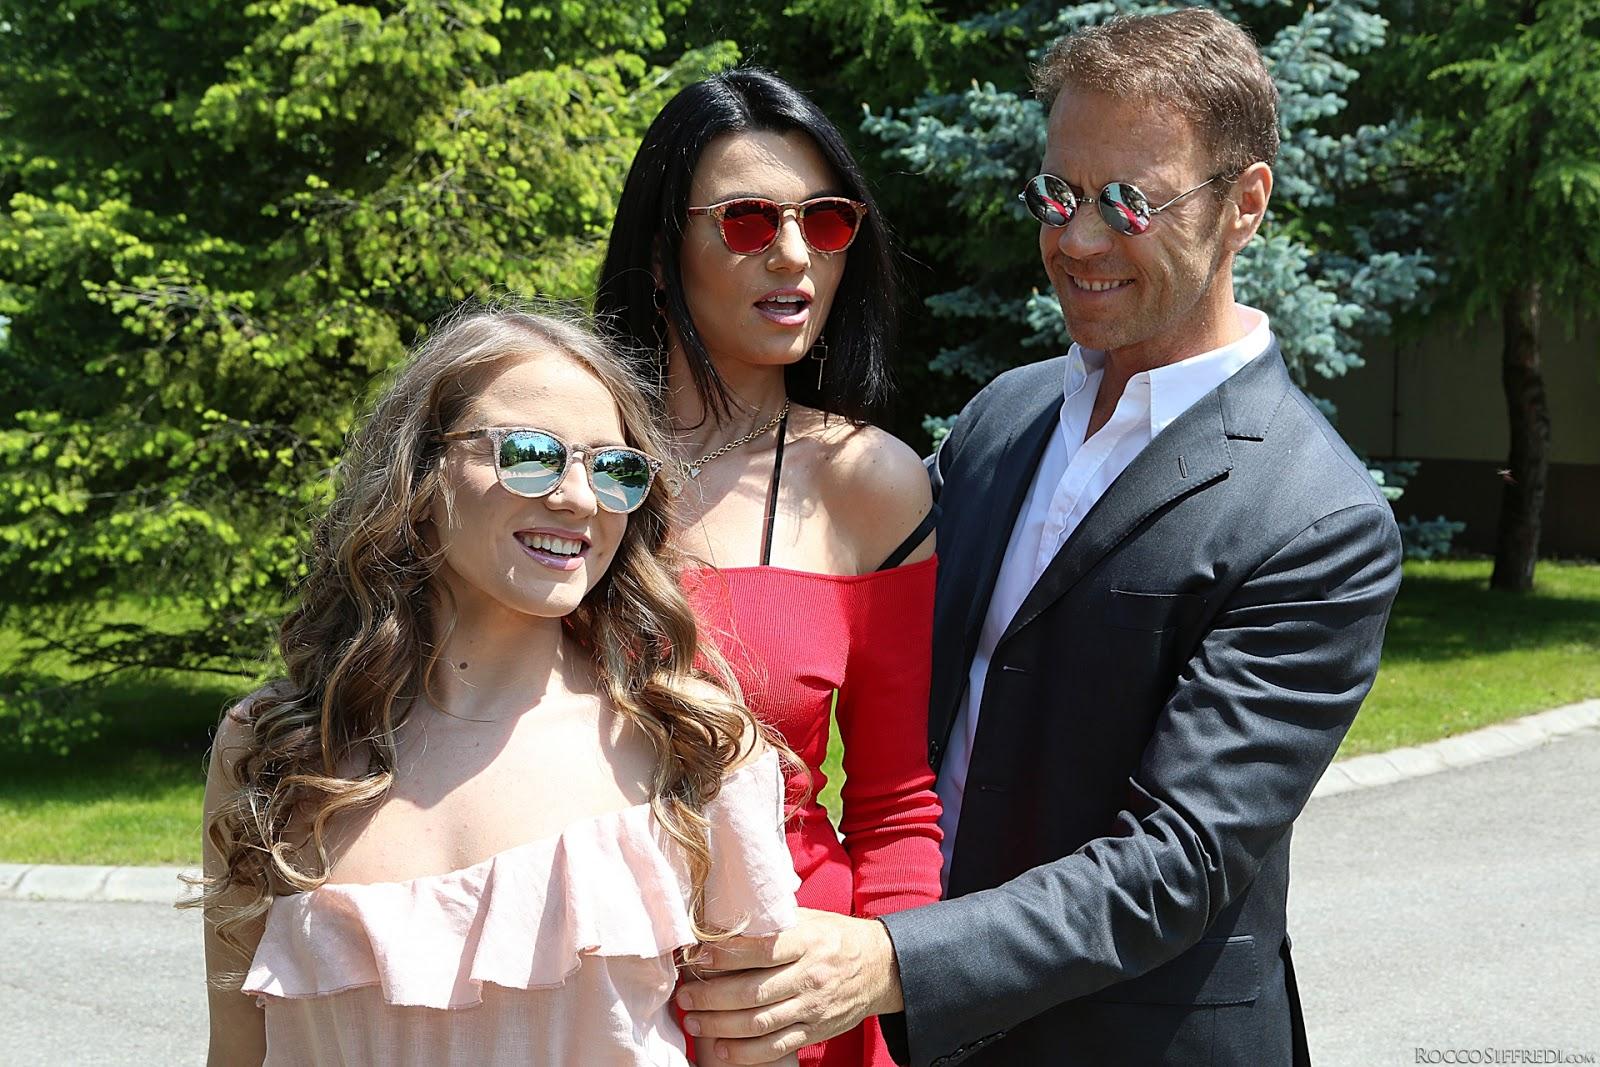 Roccos Stepmom Daughter Anal Lesson , ,4K ,ANAL ,ITALIA ,ROCCO SIFFREDI , THREESOME ,UNCENSORED, WESTEN ,WESTEN PORN , Sofi Goldfinger